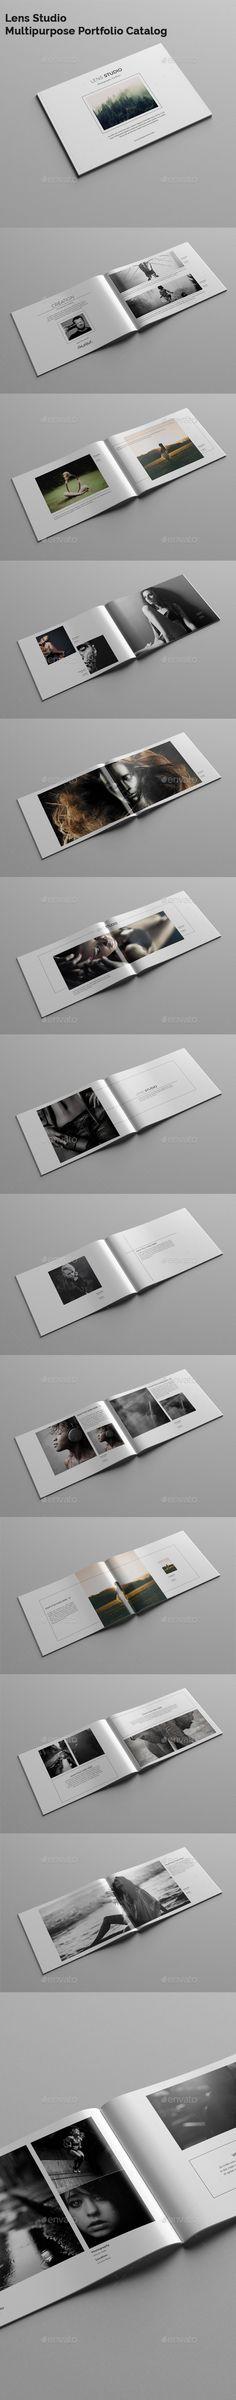 Lens Studio / Multipurpose Portfolio Catalog - Portfolio Brochures